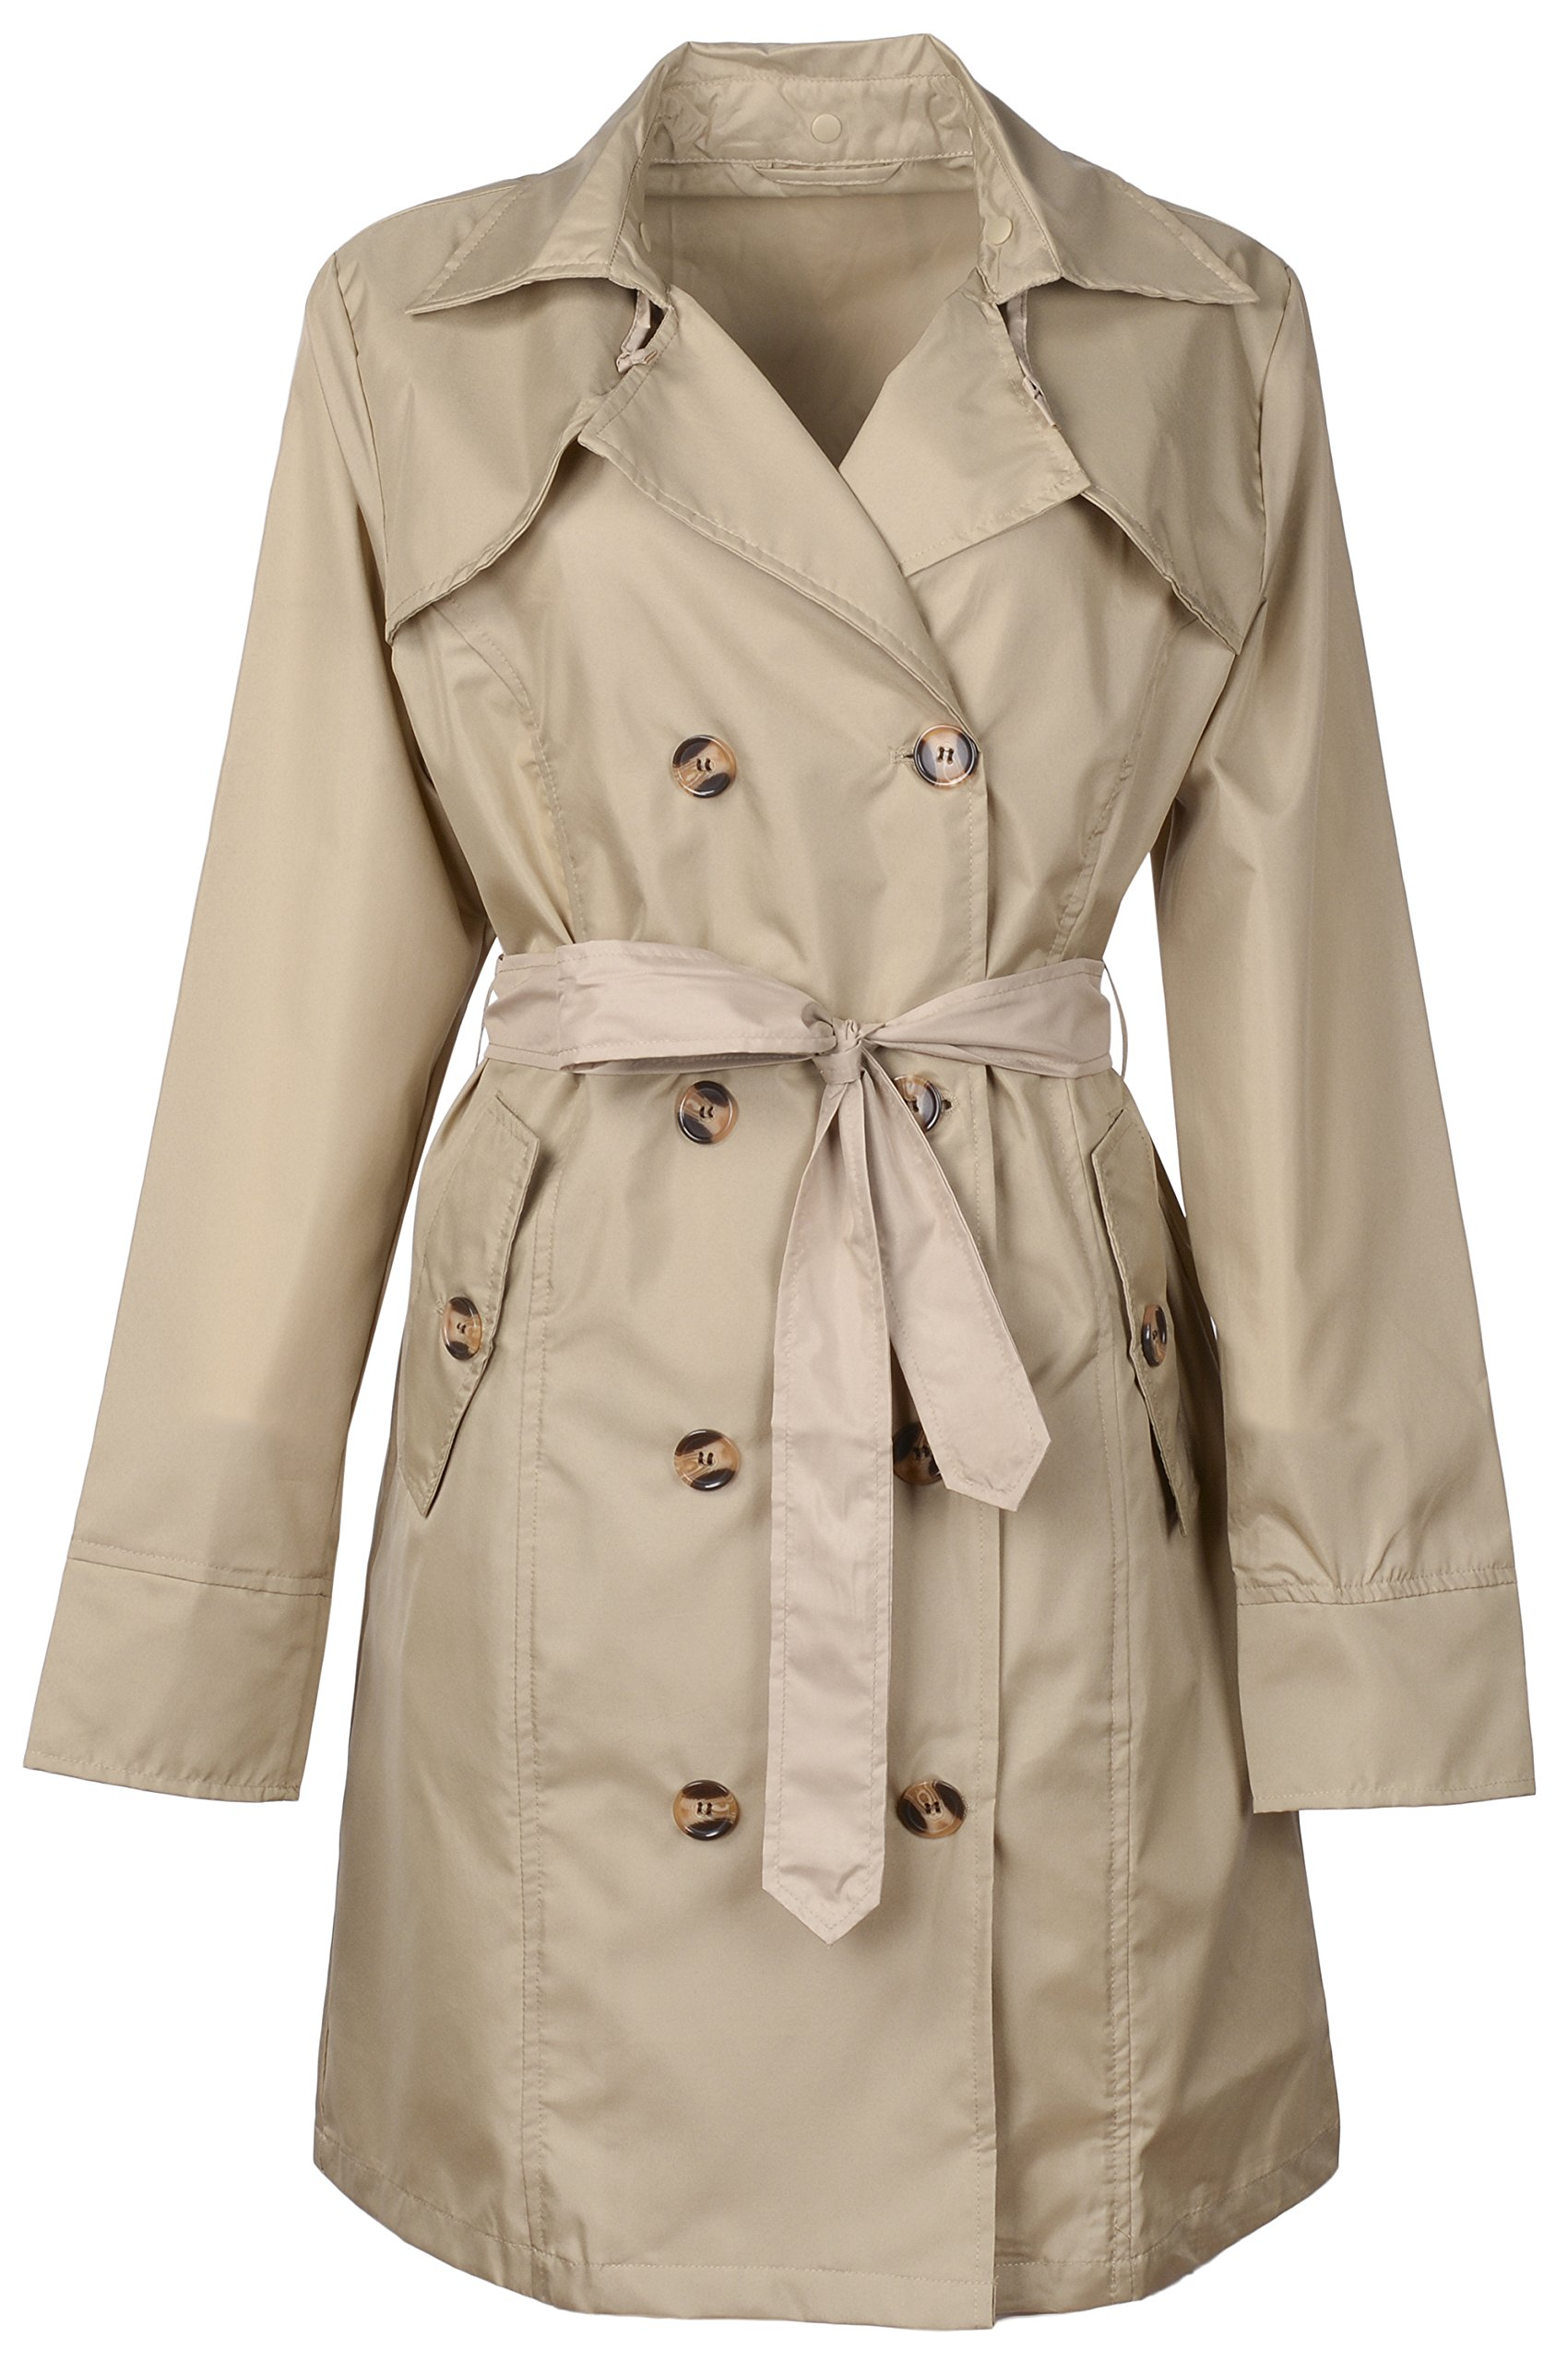 QZUnique Women's Waterproof Packable Rain Jacket Double Breasted Poncho Raincoat Khaki